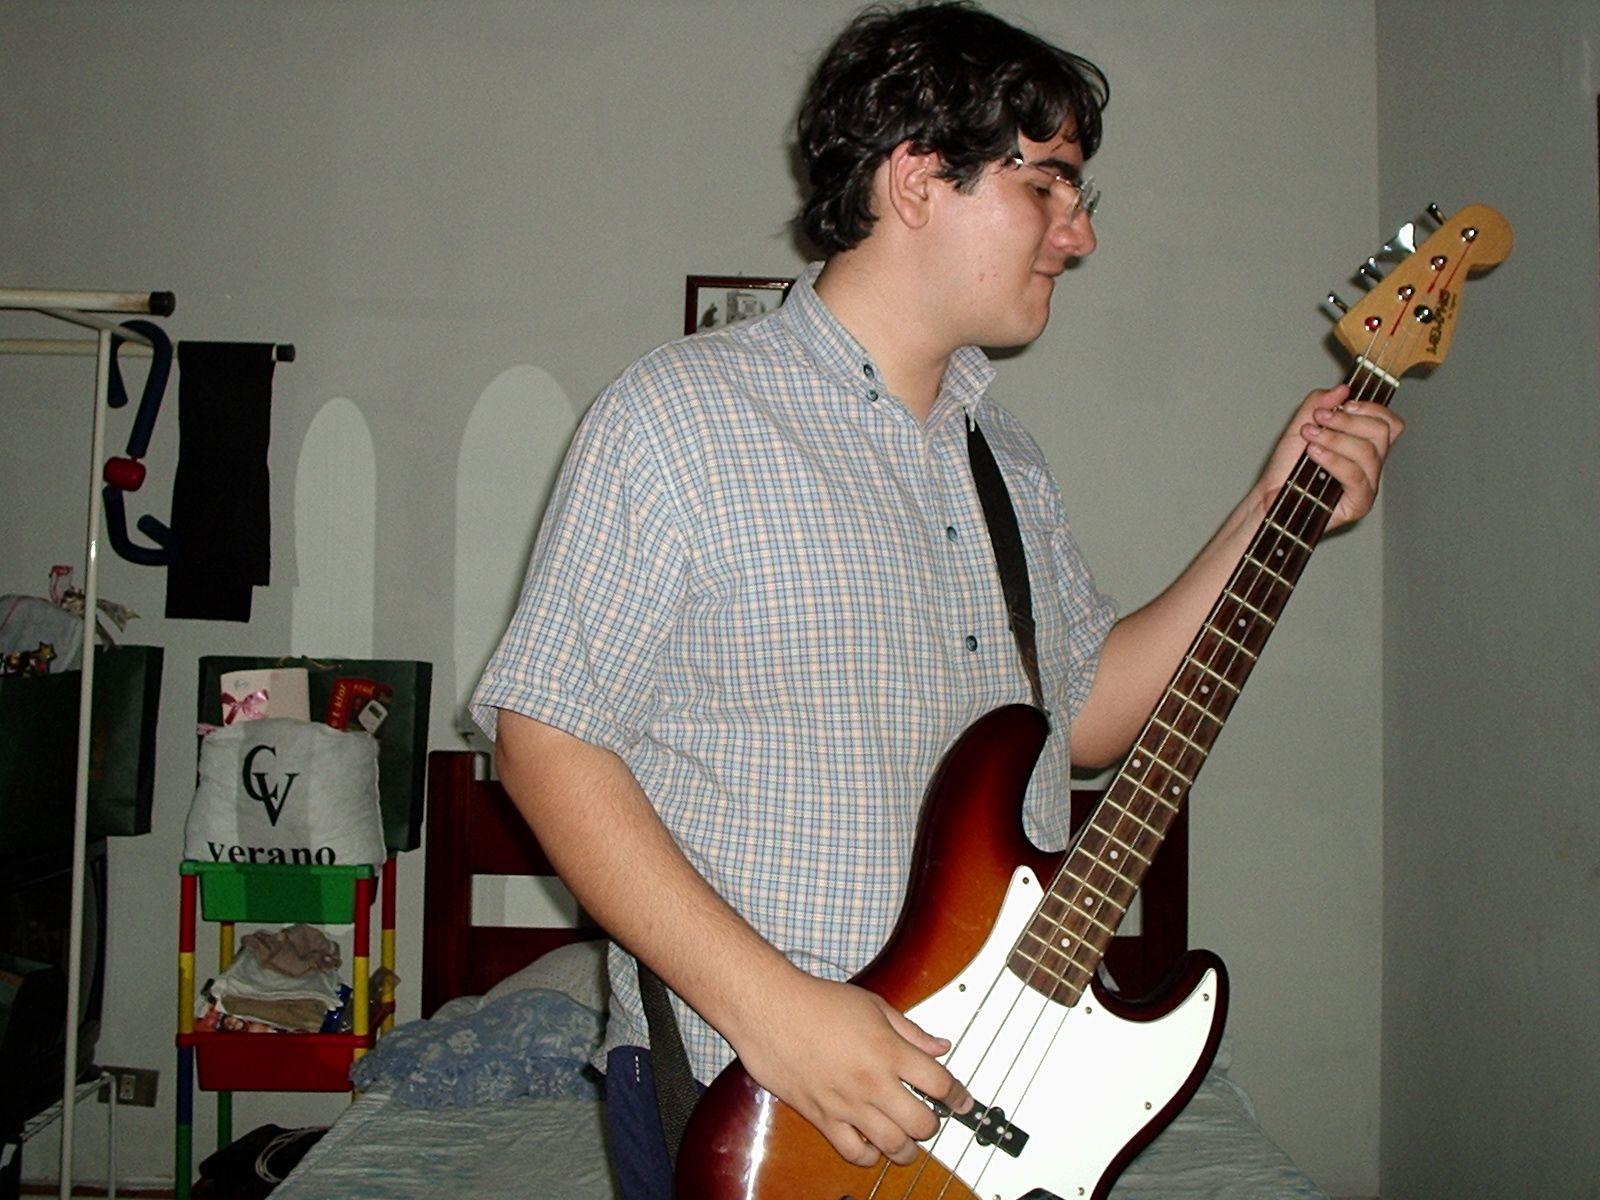 Com meu primeiro baixo, um Memphis, aos 16 anos.